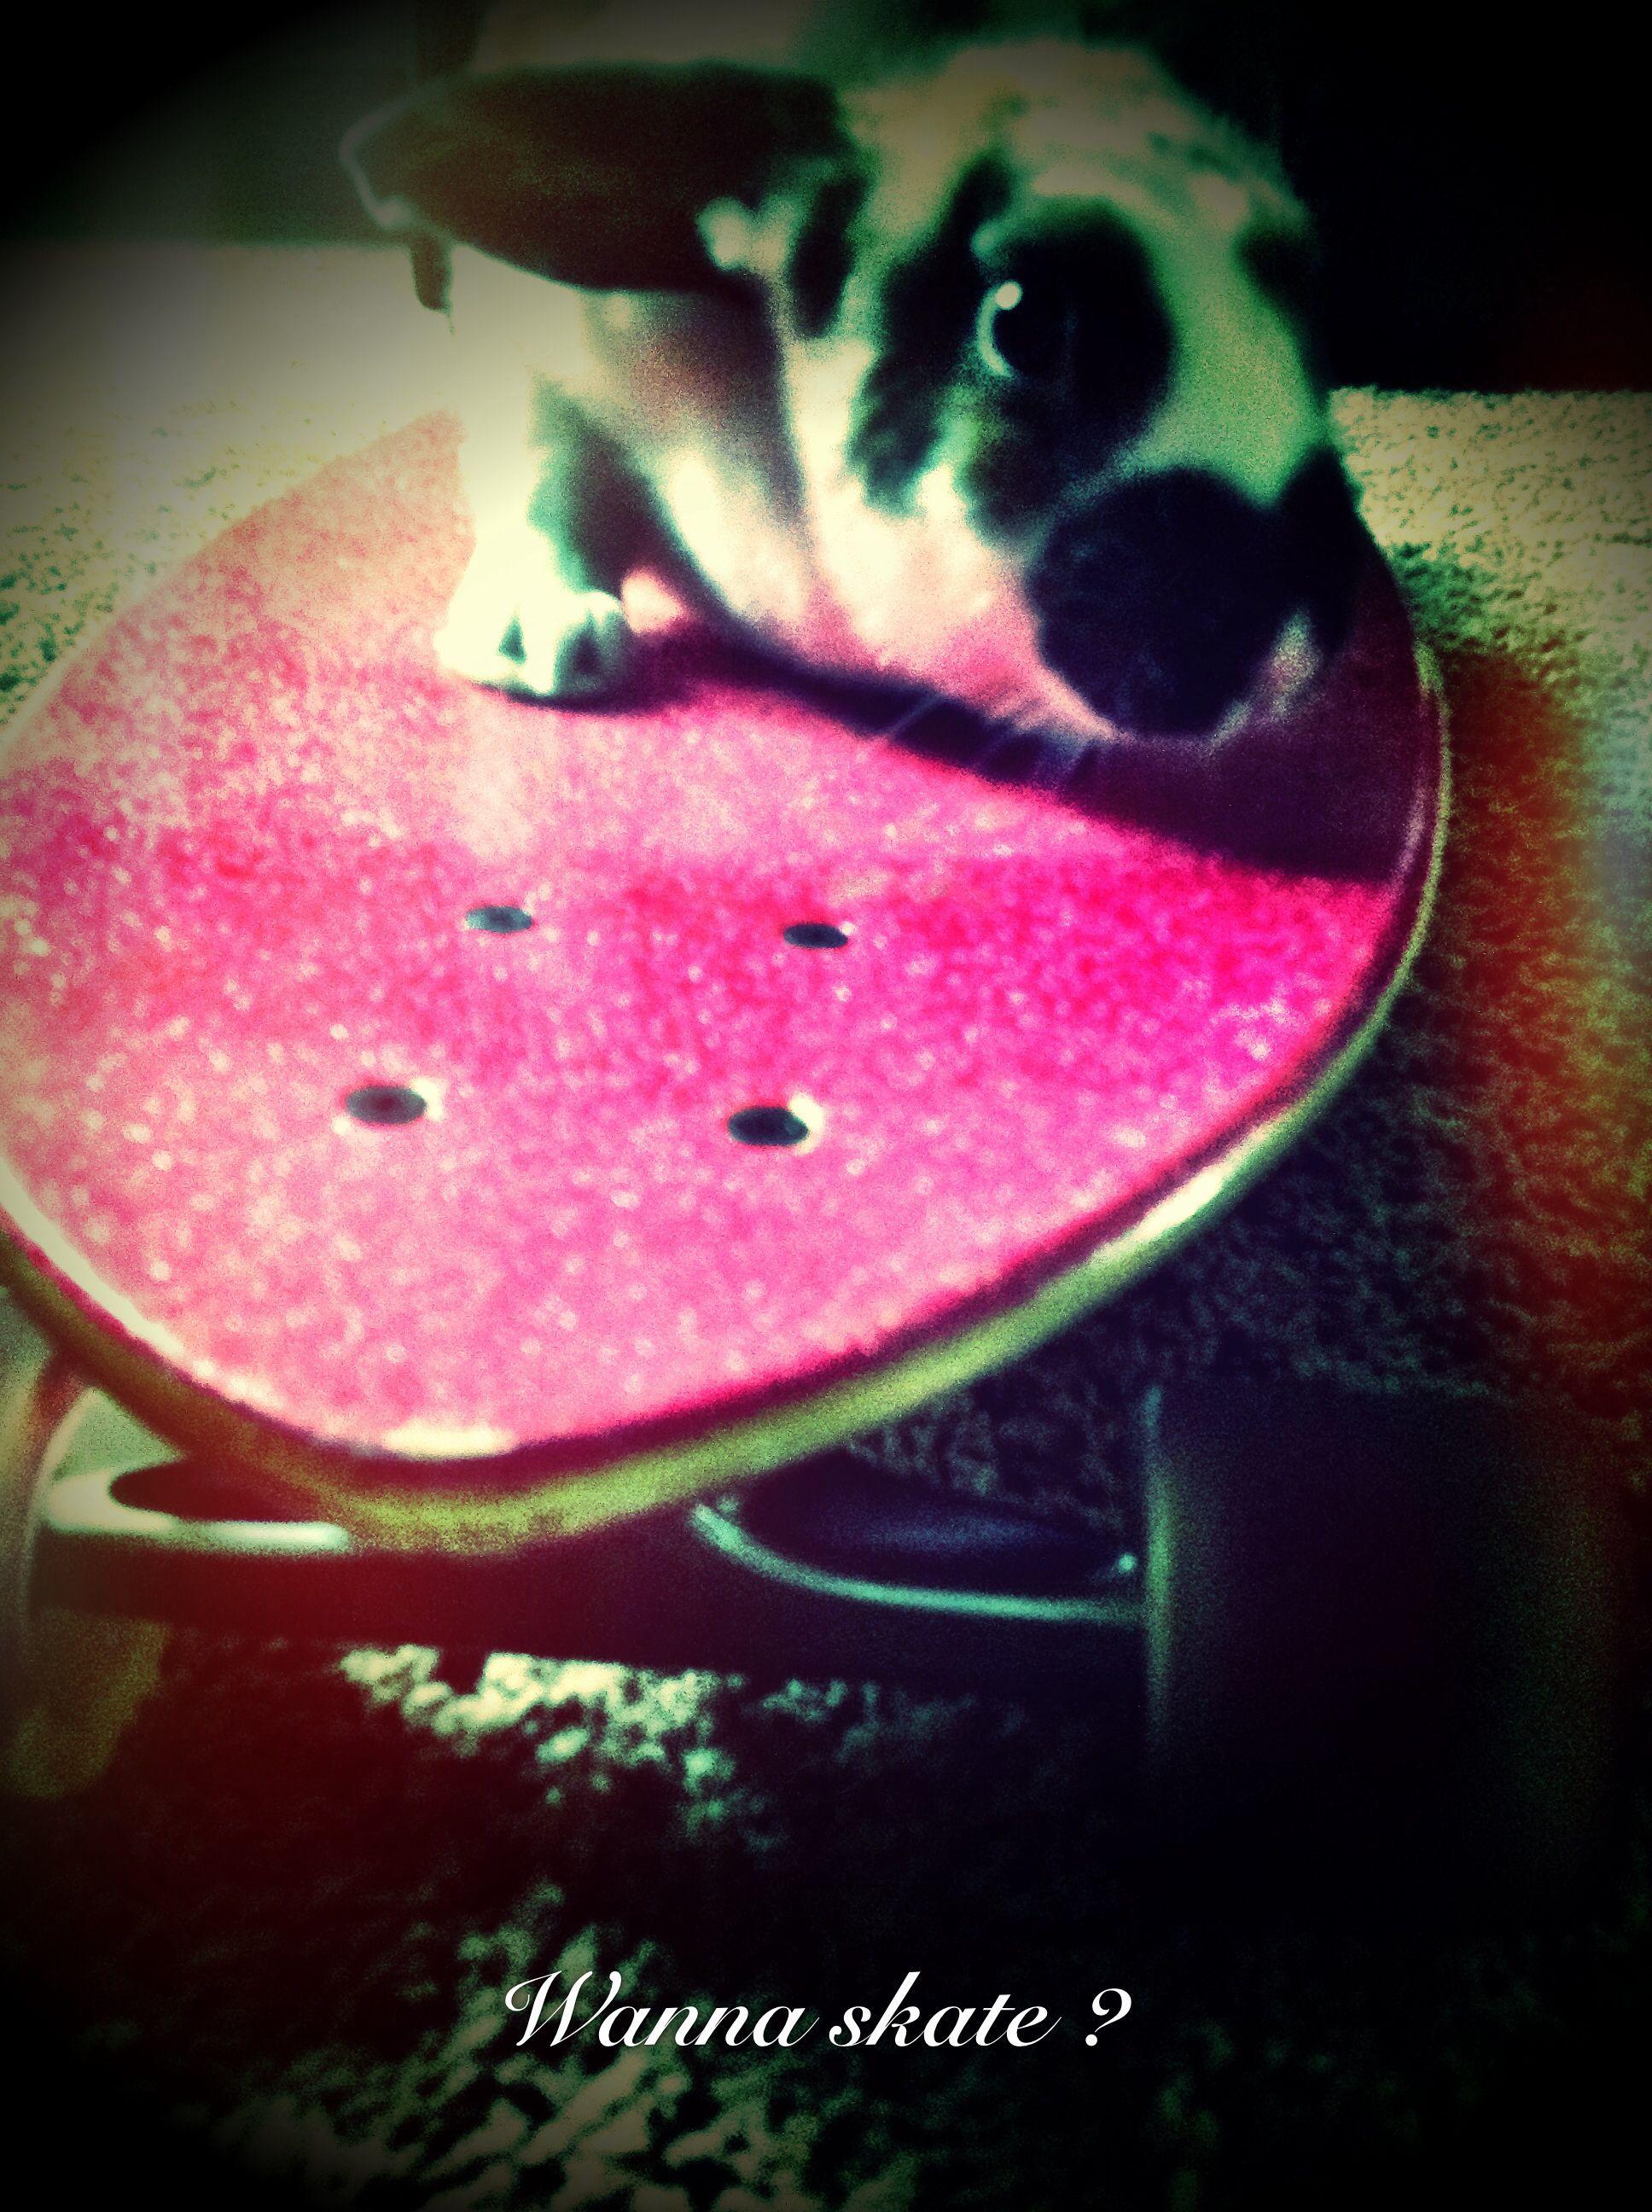 Wanna skate?